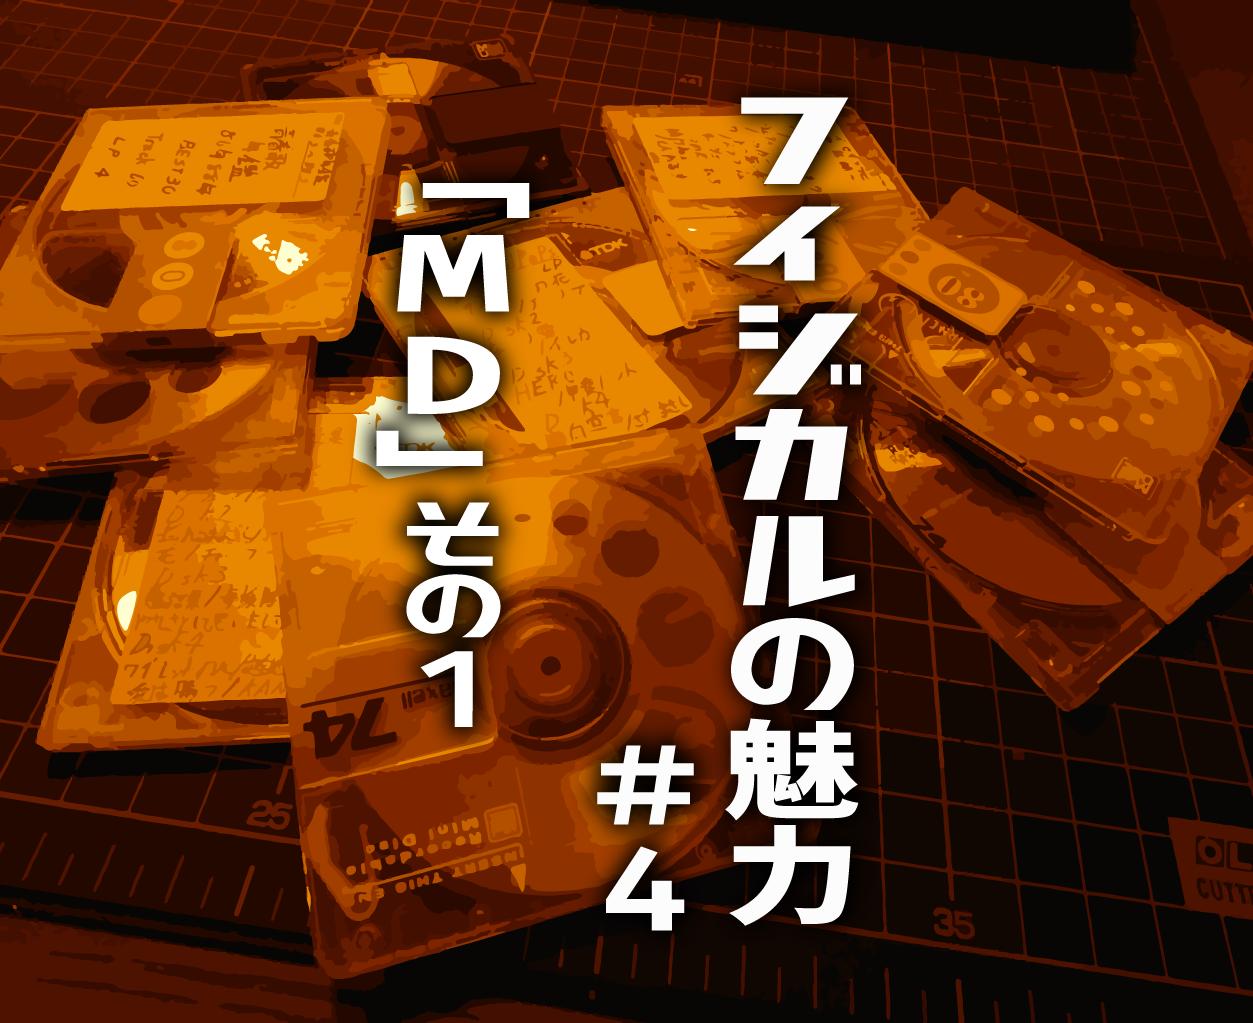 【フィジカルの魅力」】#4 「MDの魅力 1/2」